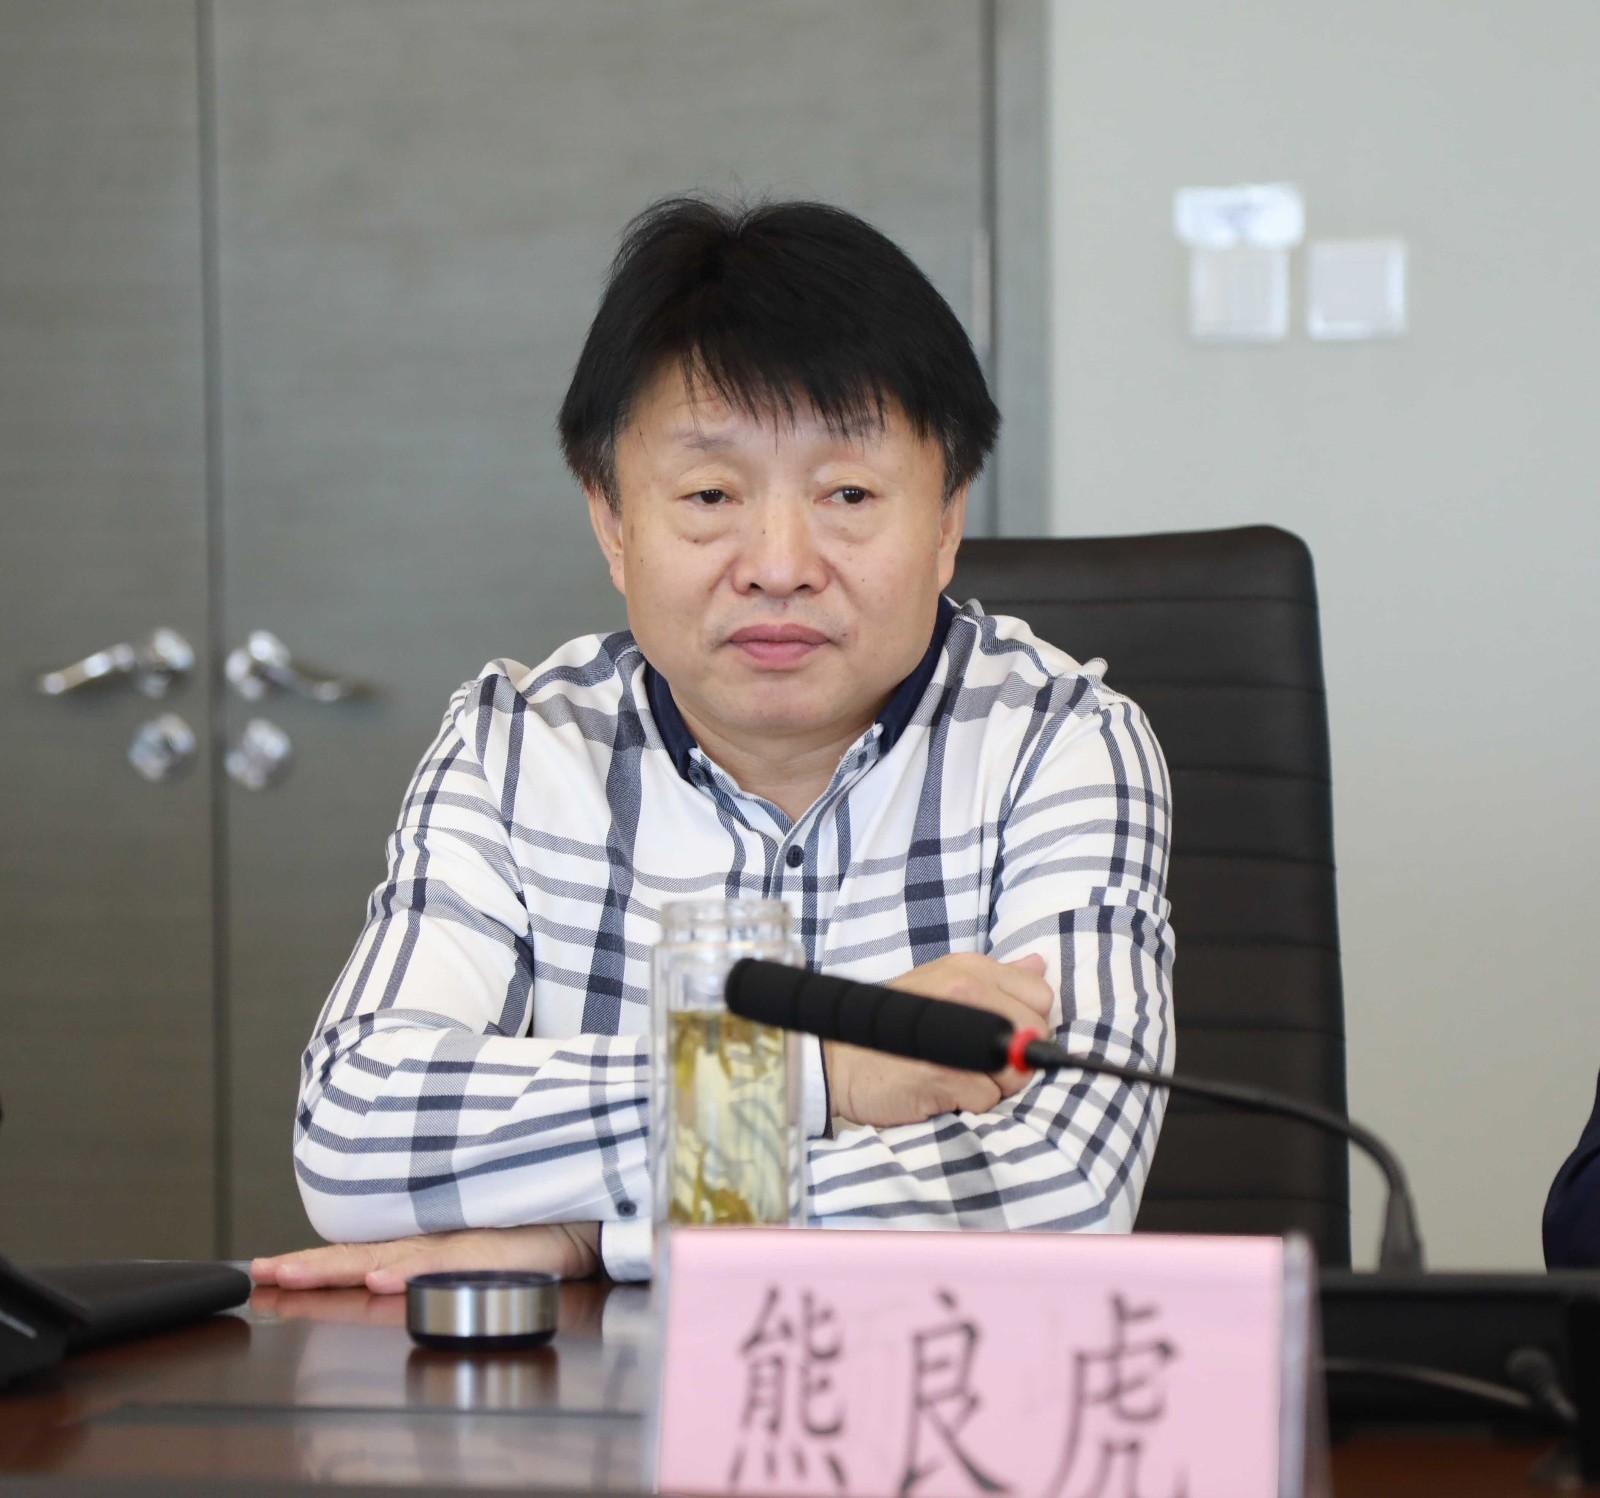 江苏省生态乐天堂娱乐在线厅厅长王天琦到陕西环保集团调研座谈